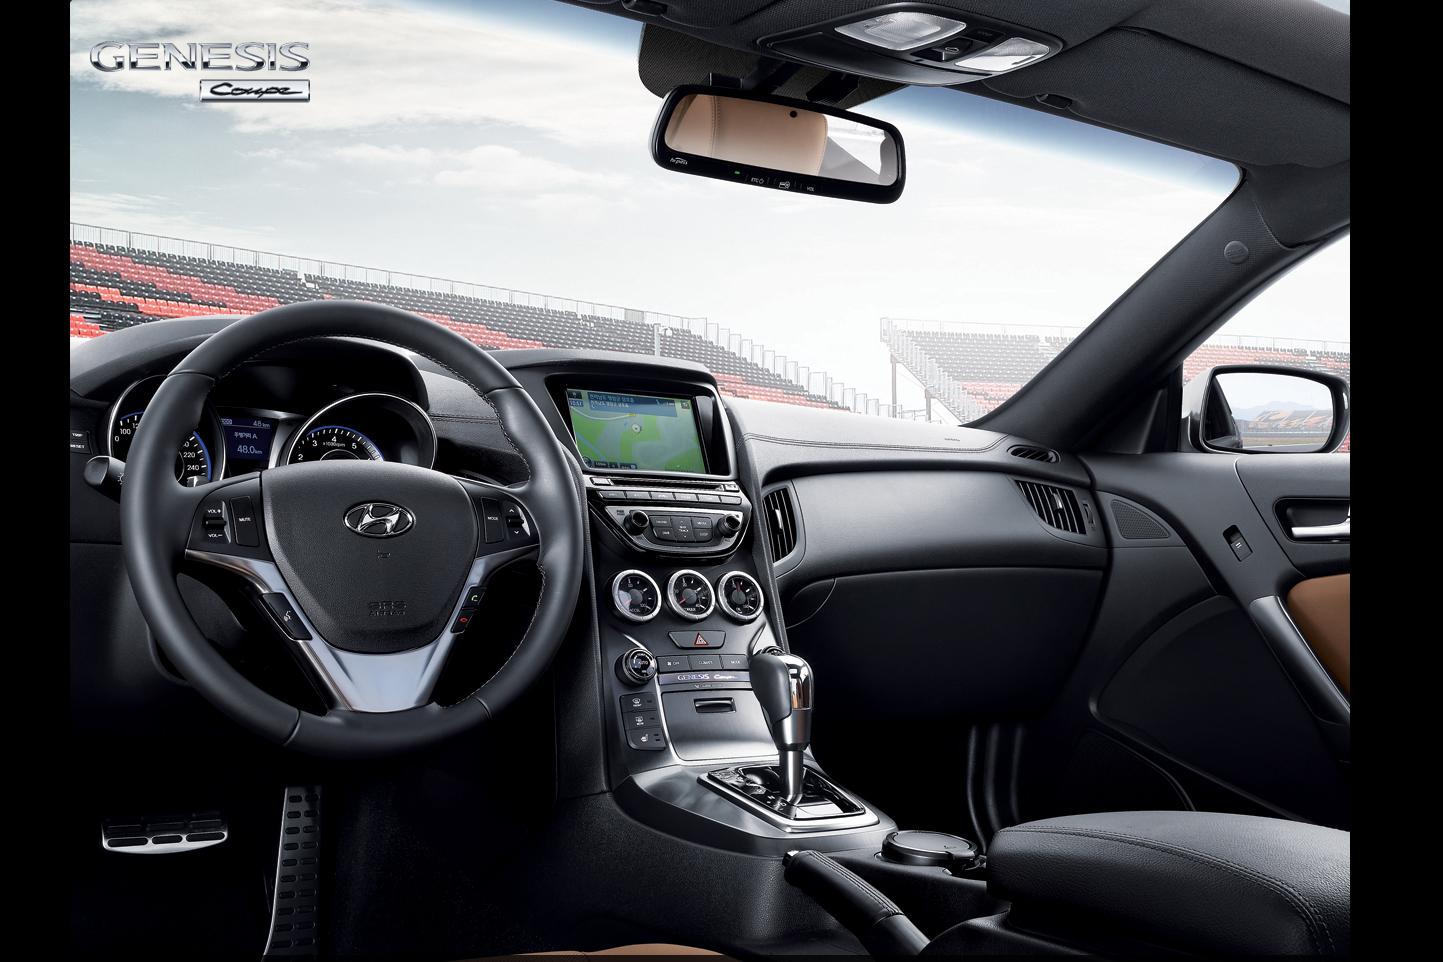 2013 genesis. 2013 Hyundai Genesis Coupe F